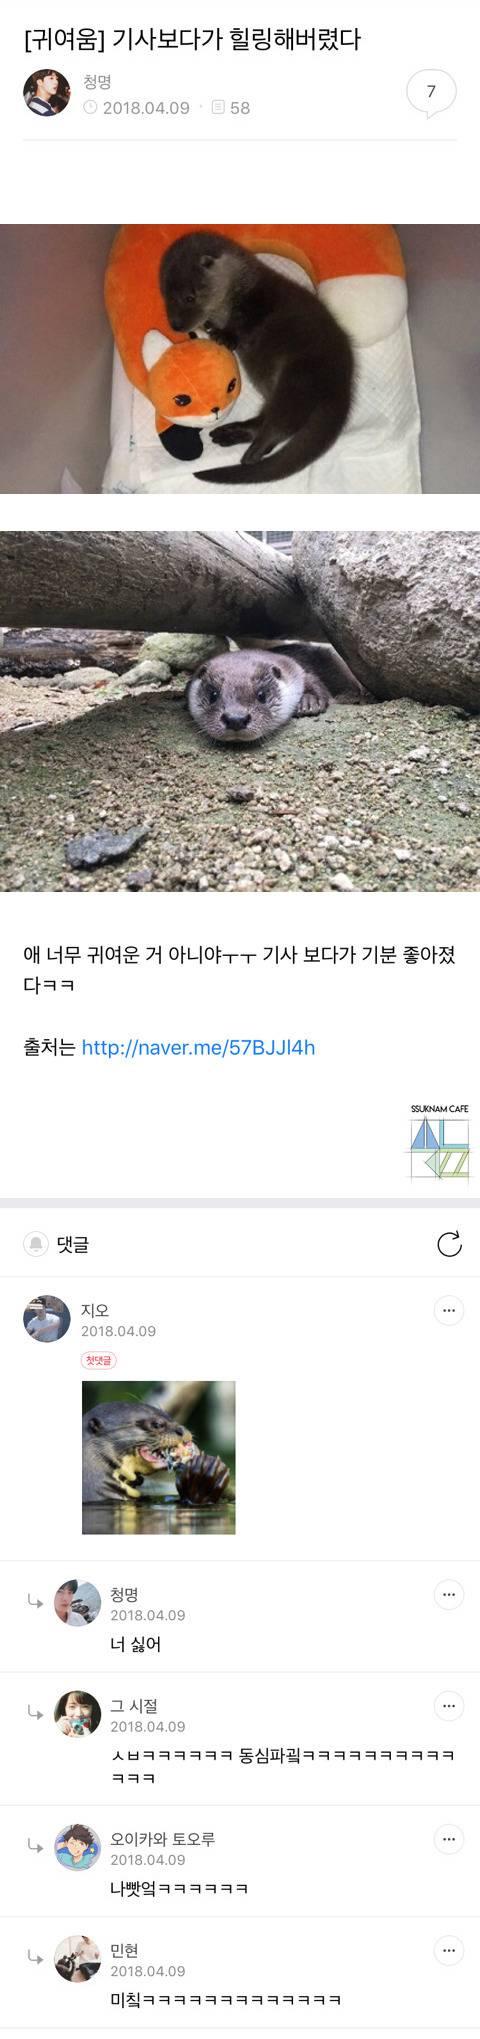 쑥남들의 쑥스러운 캡처-40 | 인스티즈